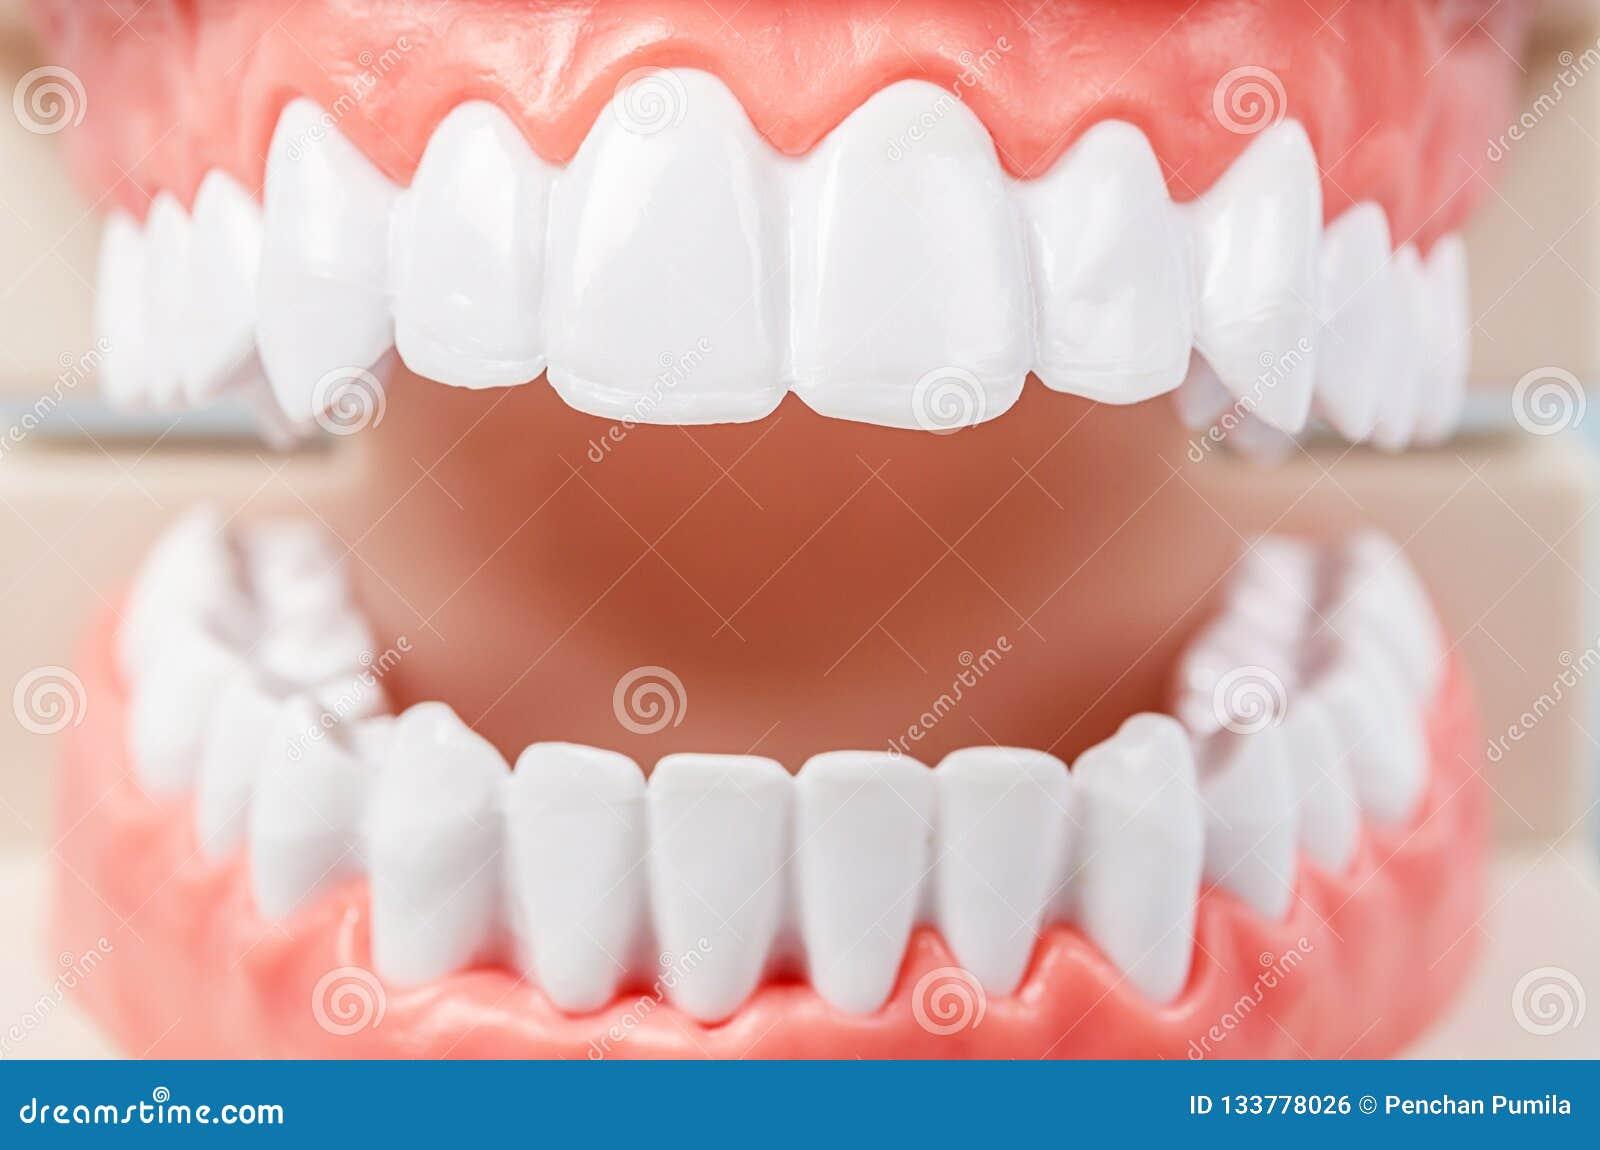 Estudiante dental de la odontología del diente que aprende la enseñanza